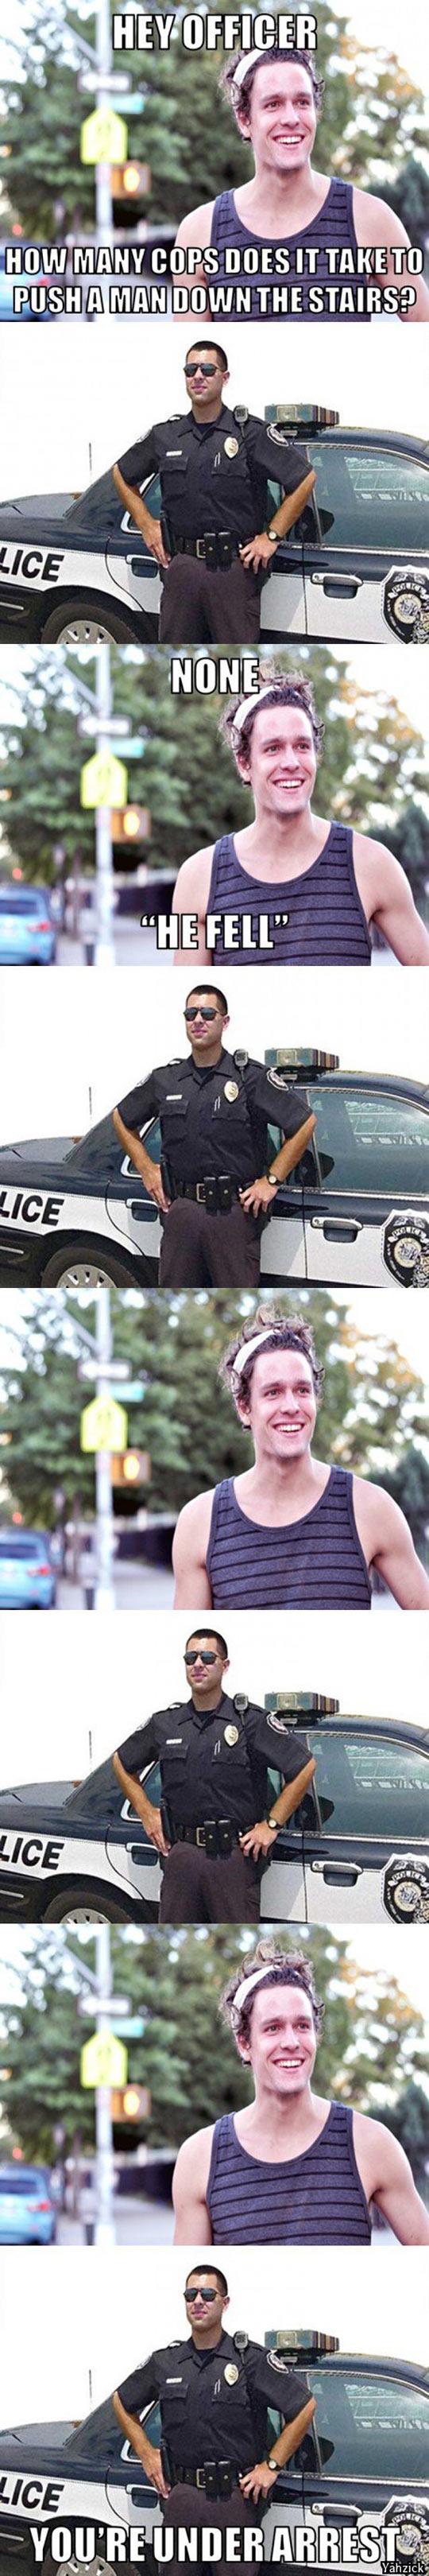 funny-officer-pun-joke-man-down-stairs